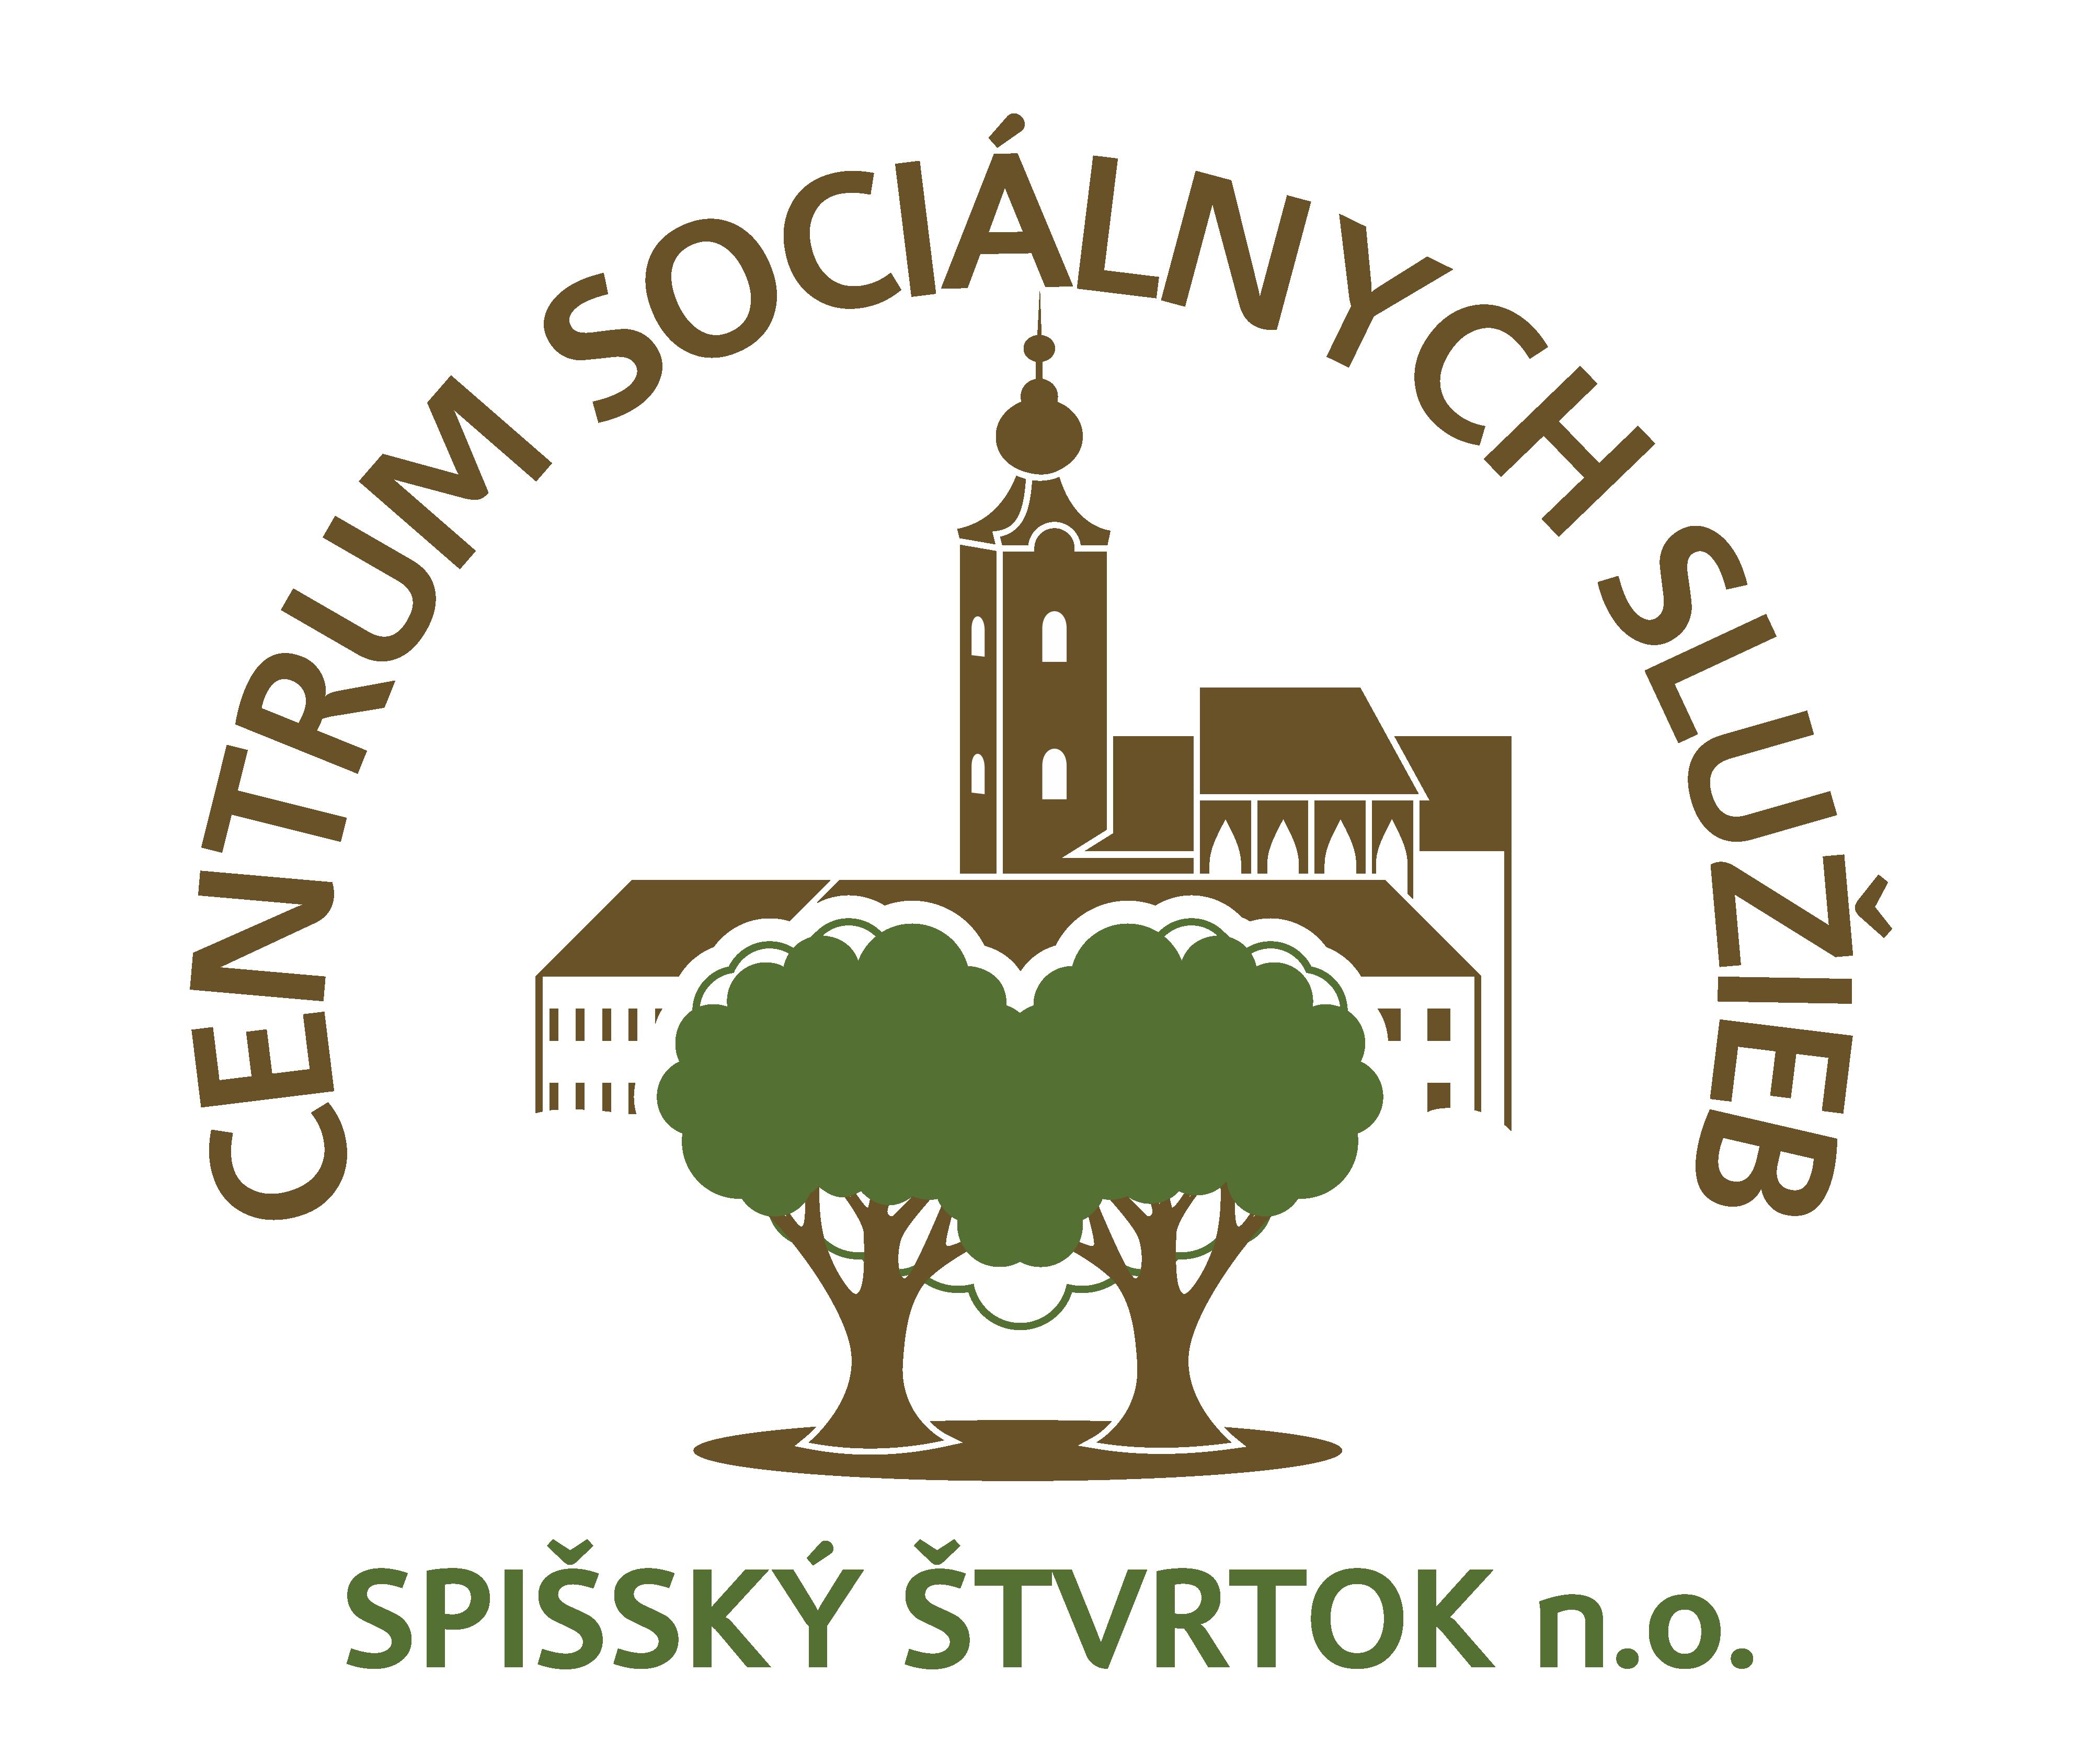 Centrum sociálnych služieb Spišský Štvrtok, n.o.